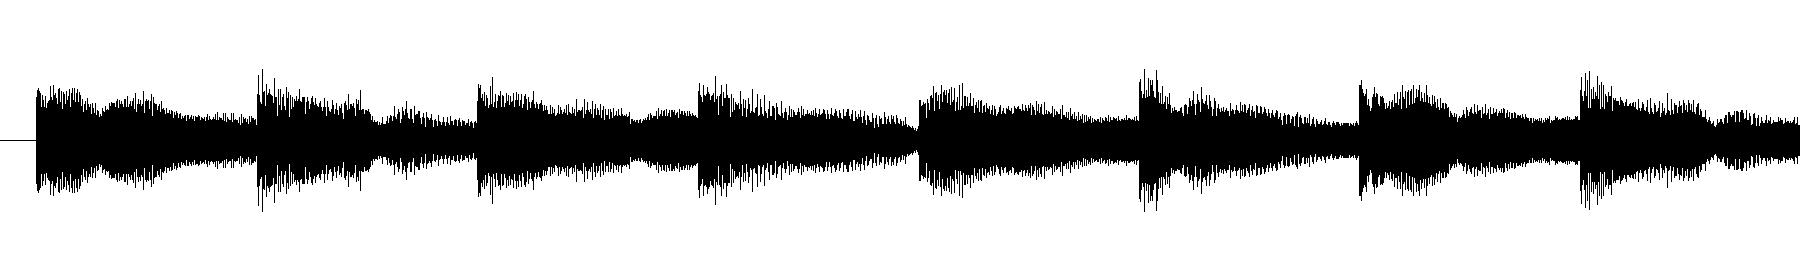 2 audio 0001 2019 11 23 173540